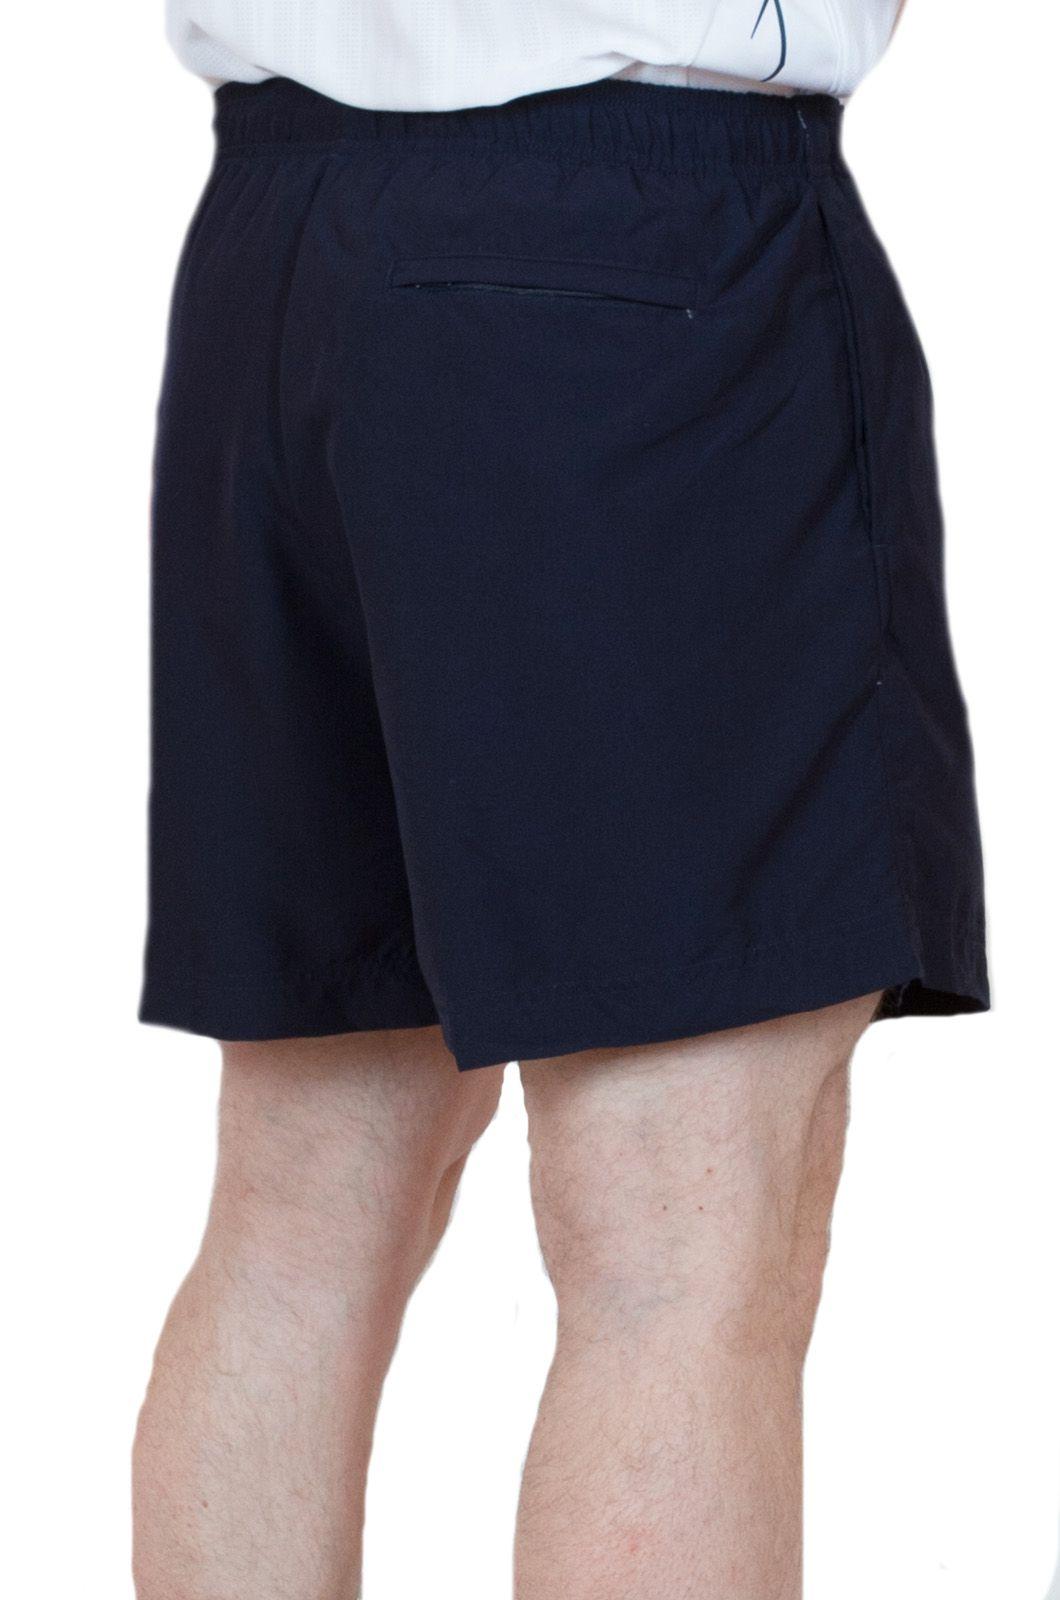 Спортивные шорты для мужчин темно-синего цвета - вид сзади